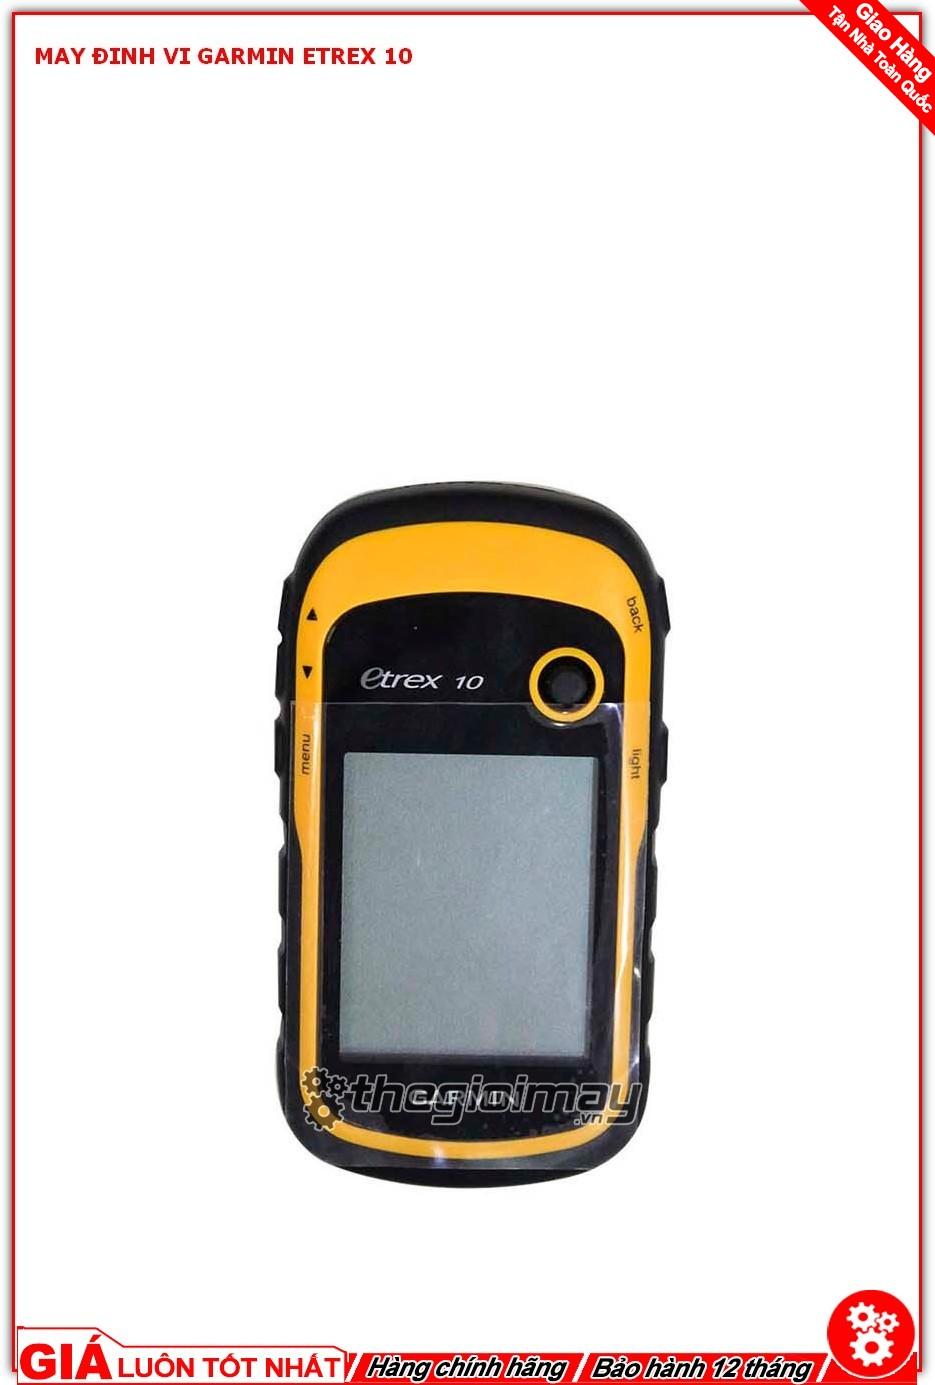 Máy được sử dụng để đo diện tích đất, đo tọa độ ở những nơi hiểm trở,...